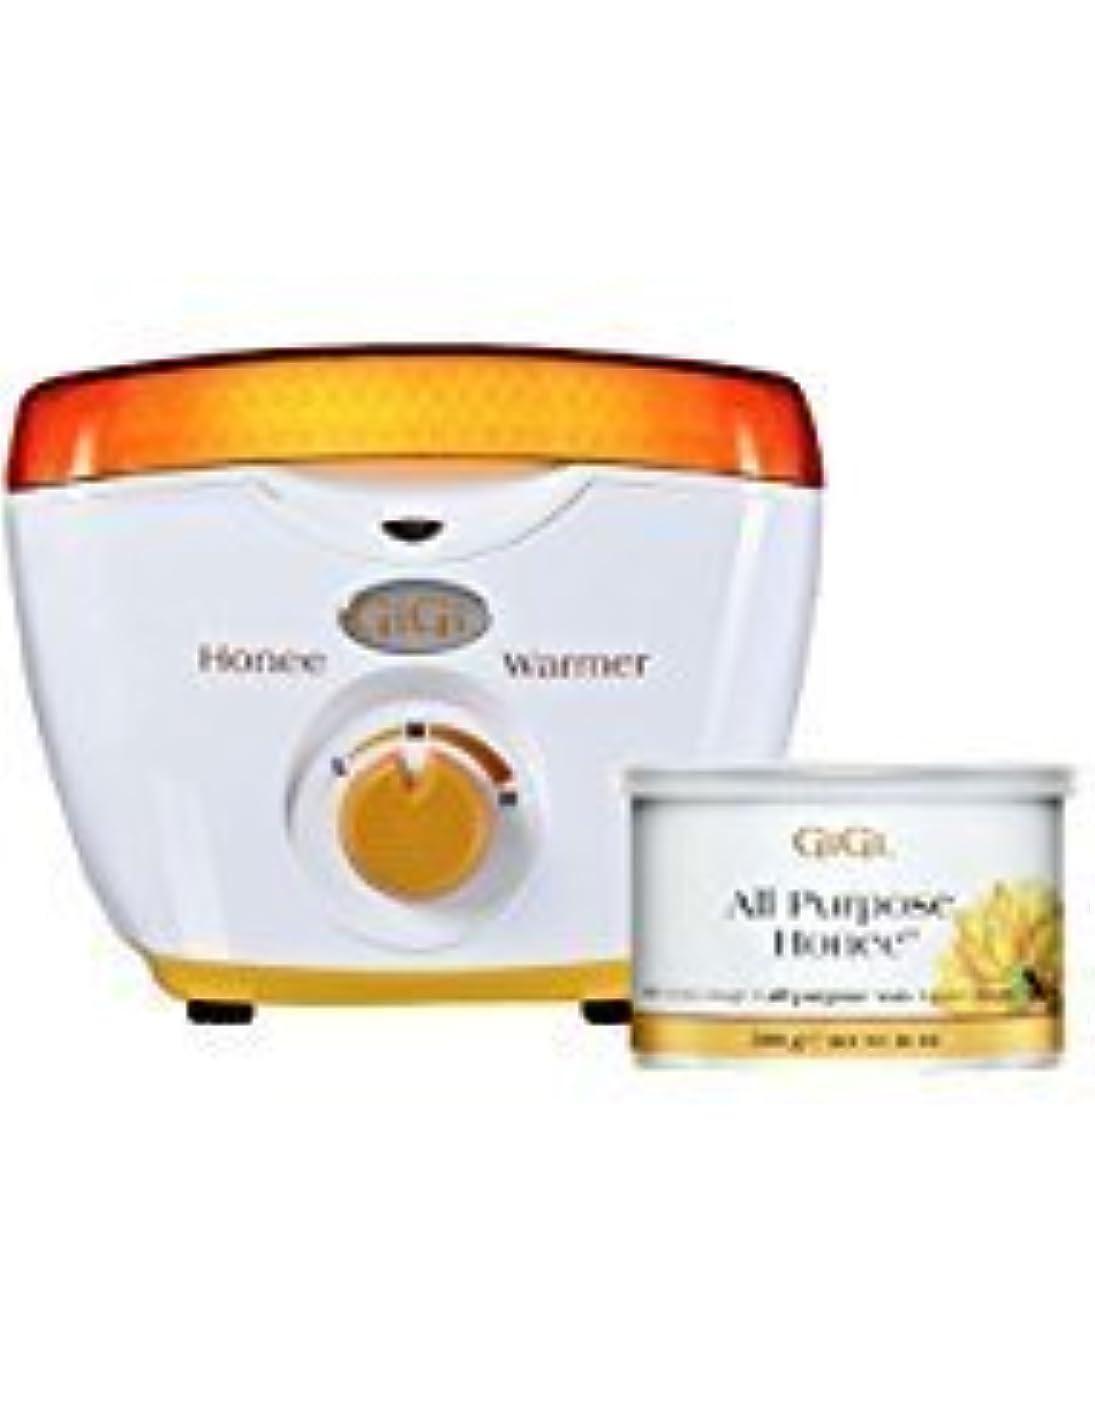 イースターカップシェードGiGi Honee Hair Removal Wax Warmer for 14 oz Wax Cans [並行輸入品]